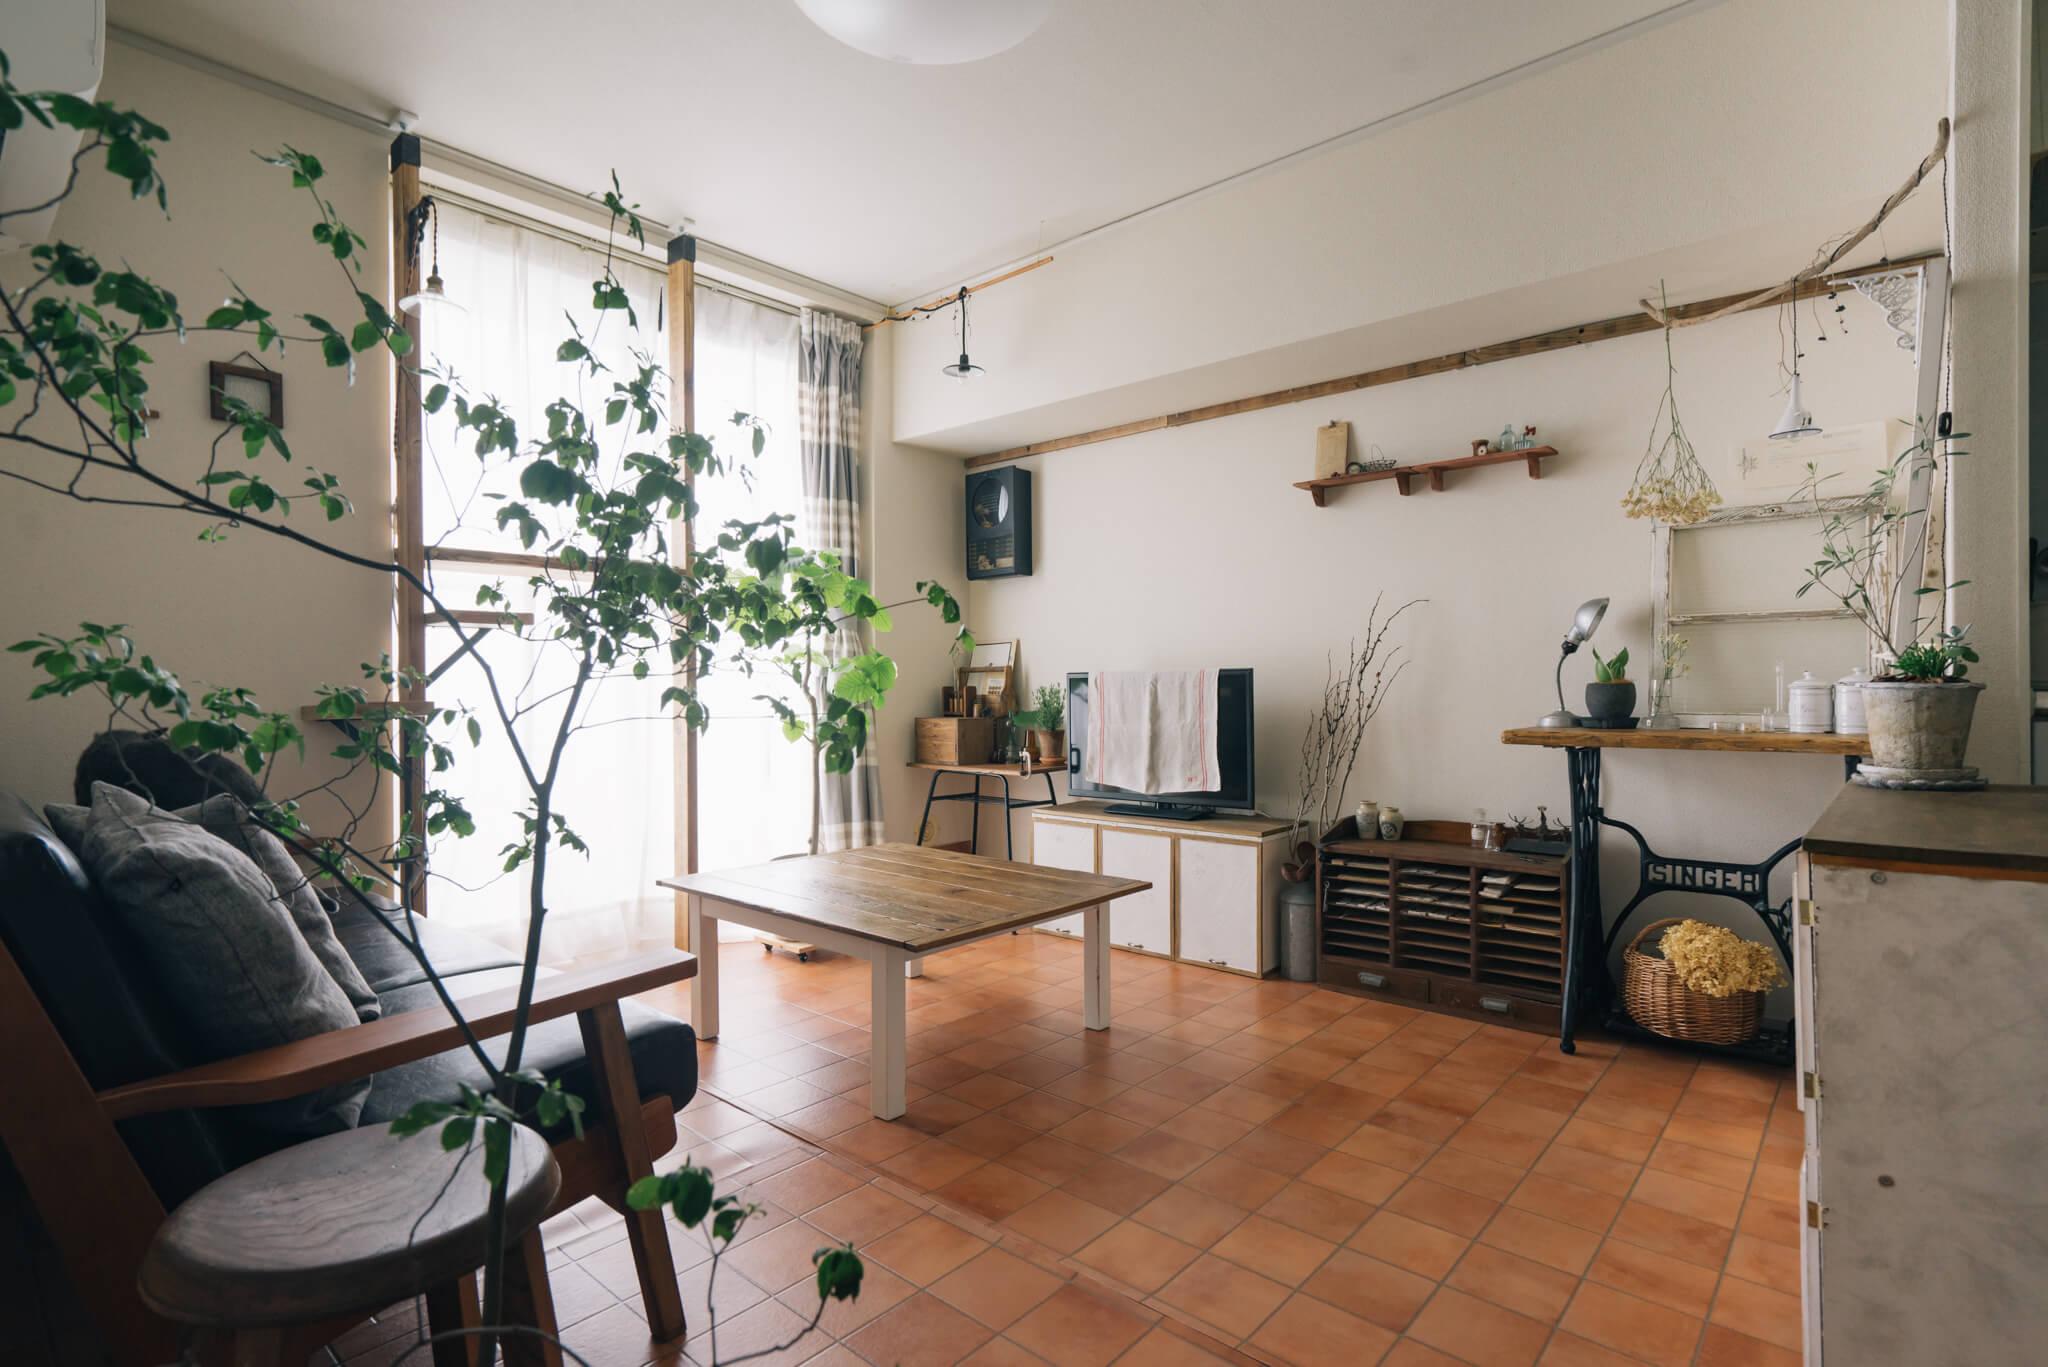 空間が広くなった分、すっきりとして雑貨やグリーンなどがよく映えるお部屋になっていますね。